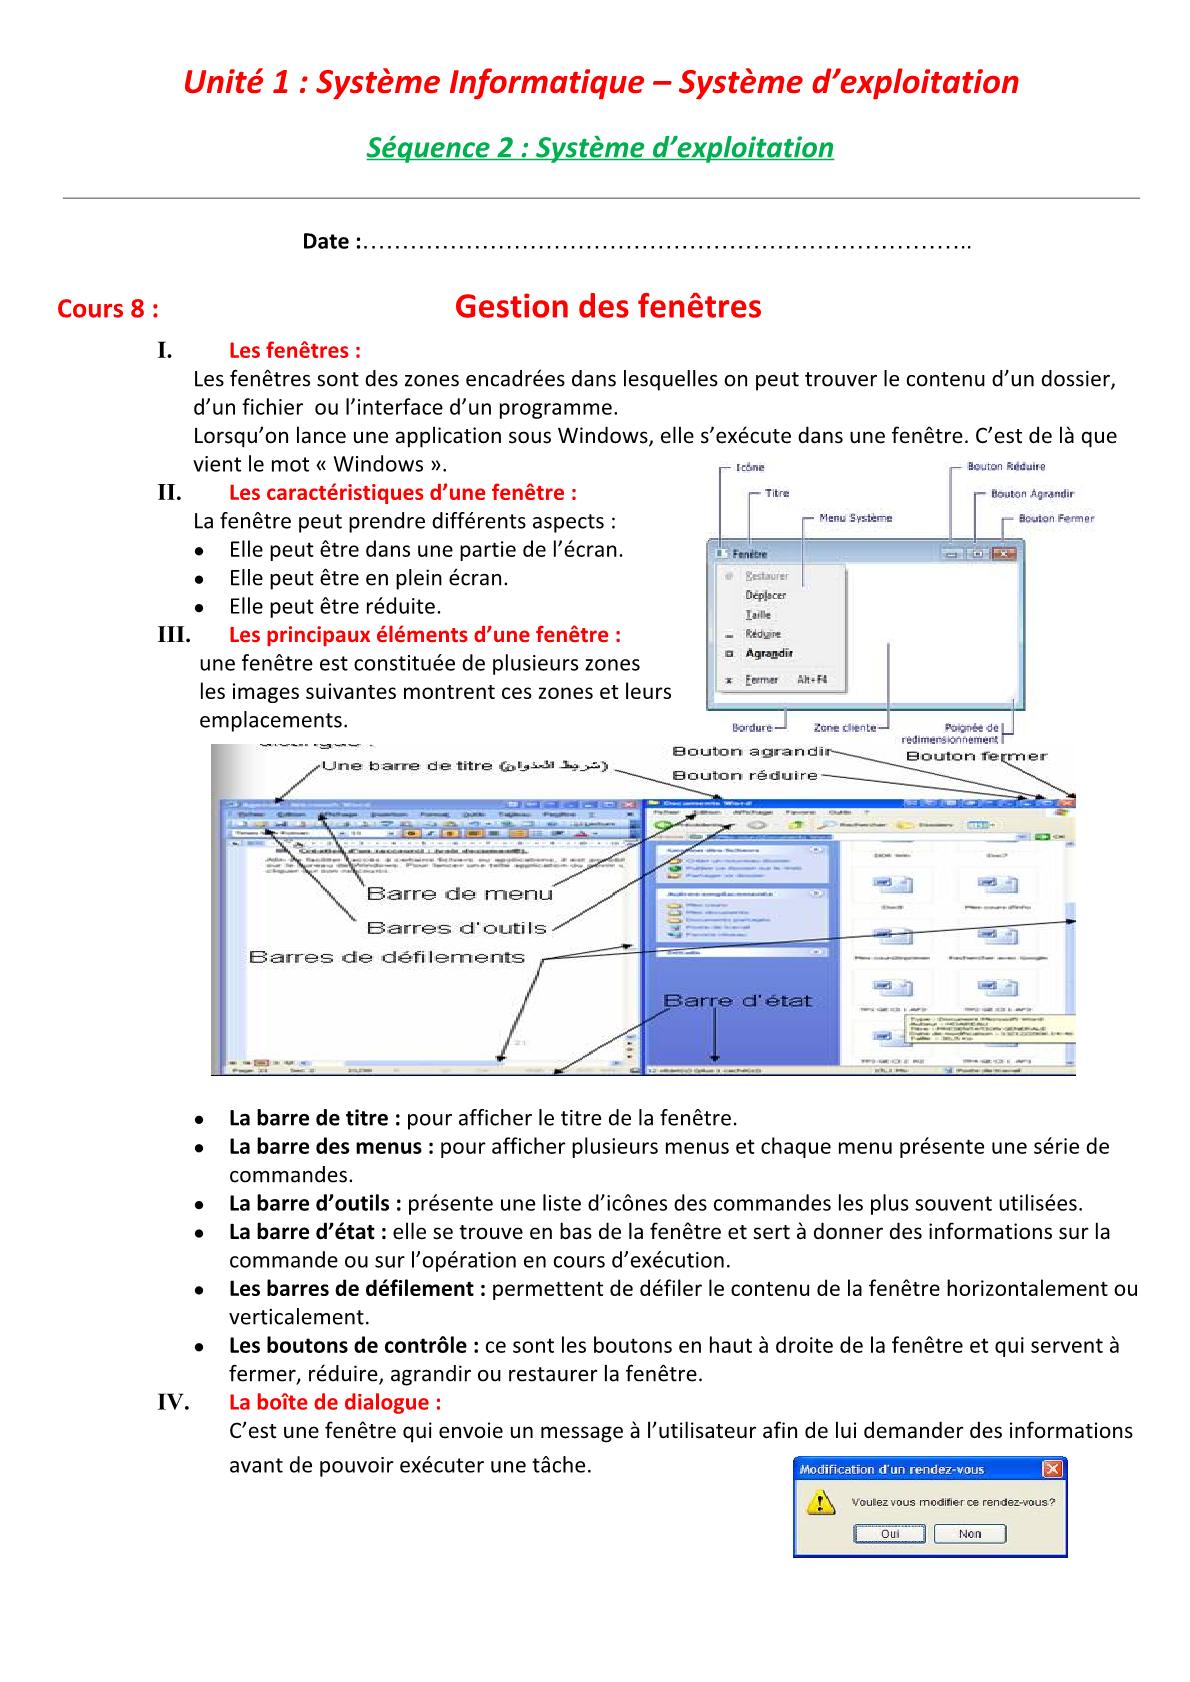 درس Gestion des fenêtres للسنة الأولى اعدادي